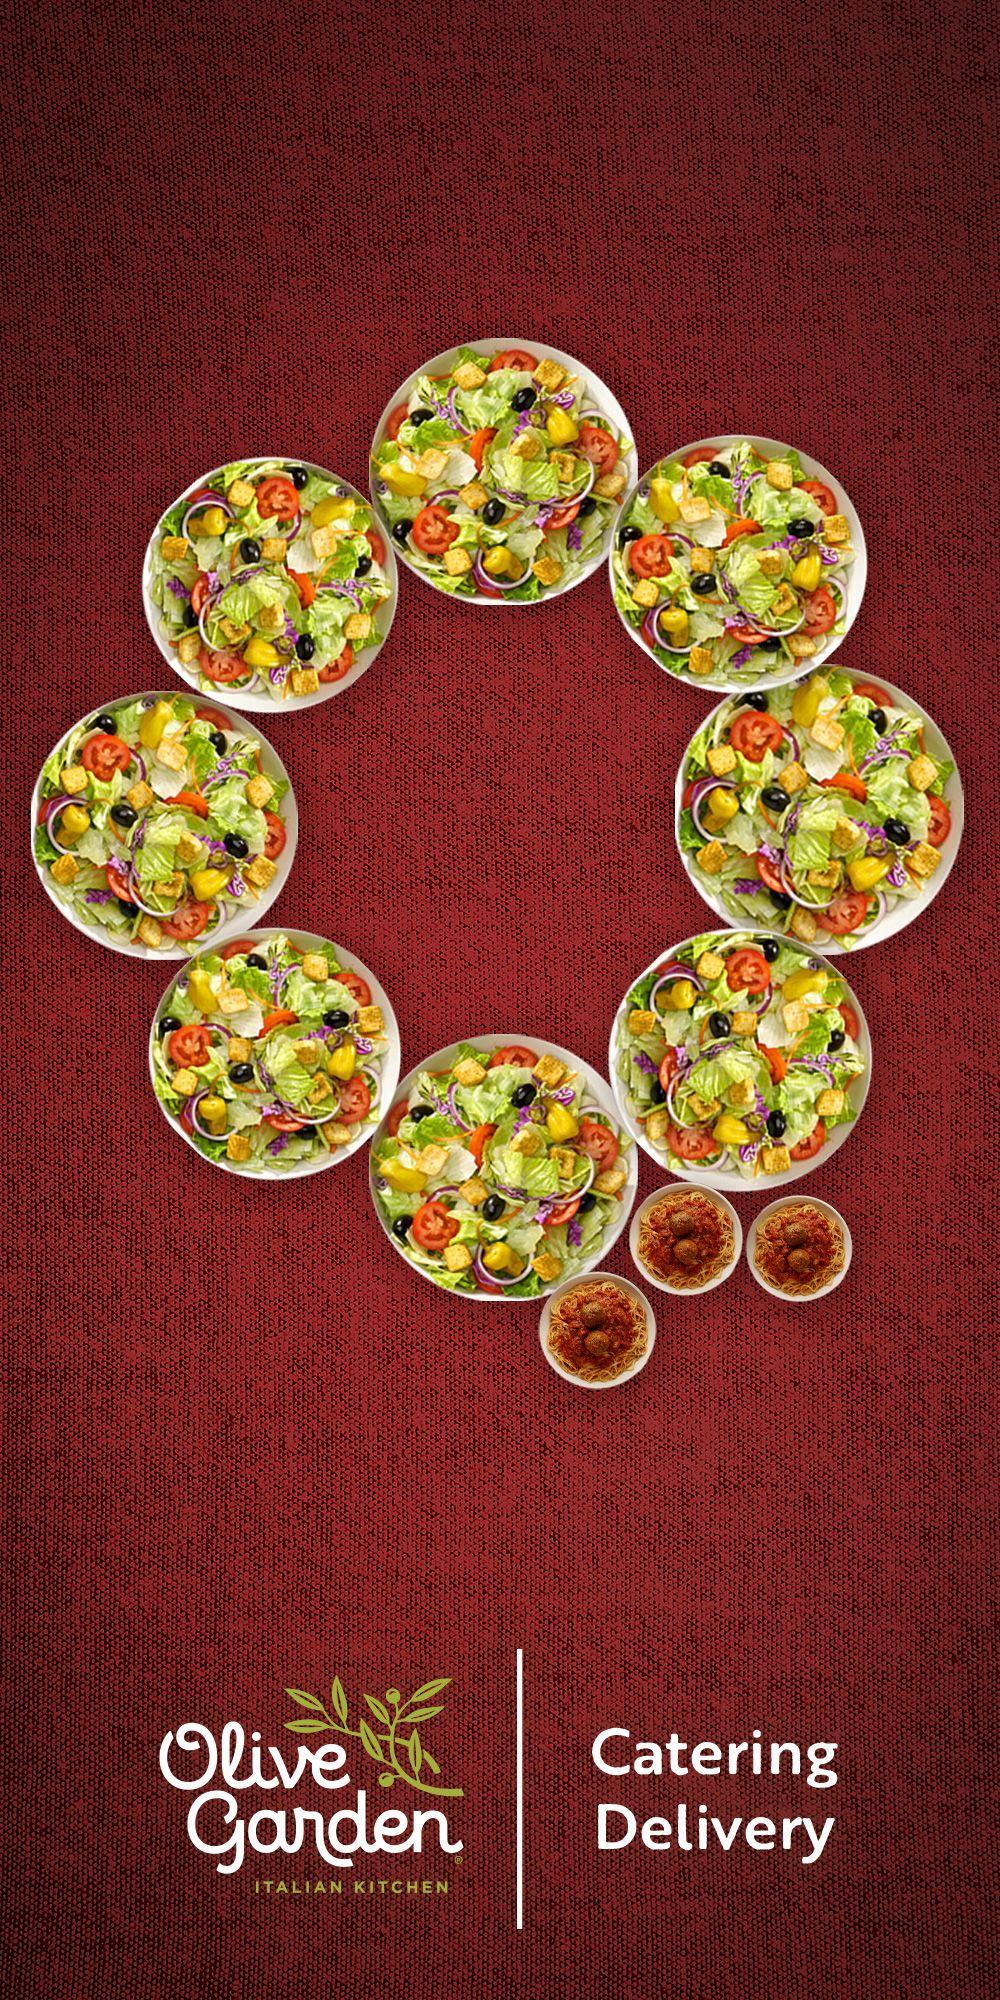 Olive Garden Italian Restaurants in 2020 Catering